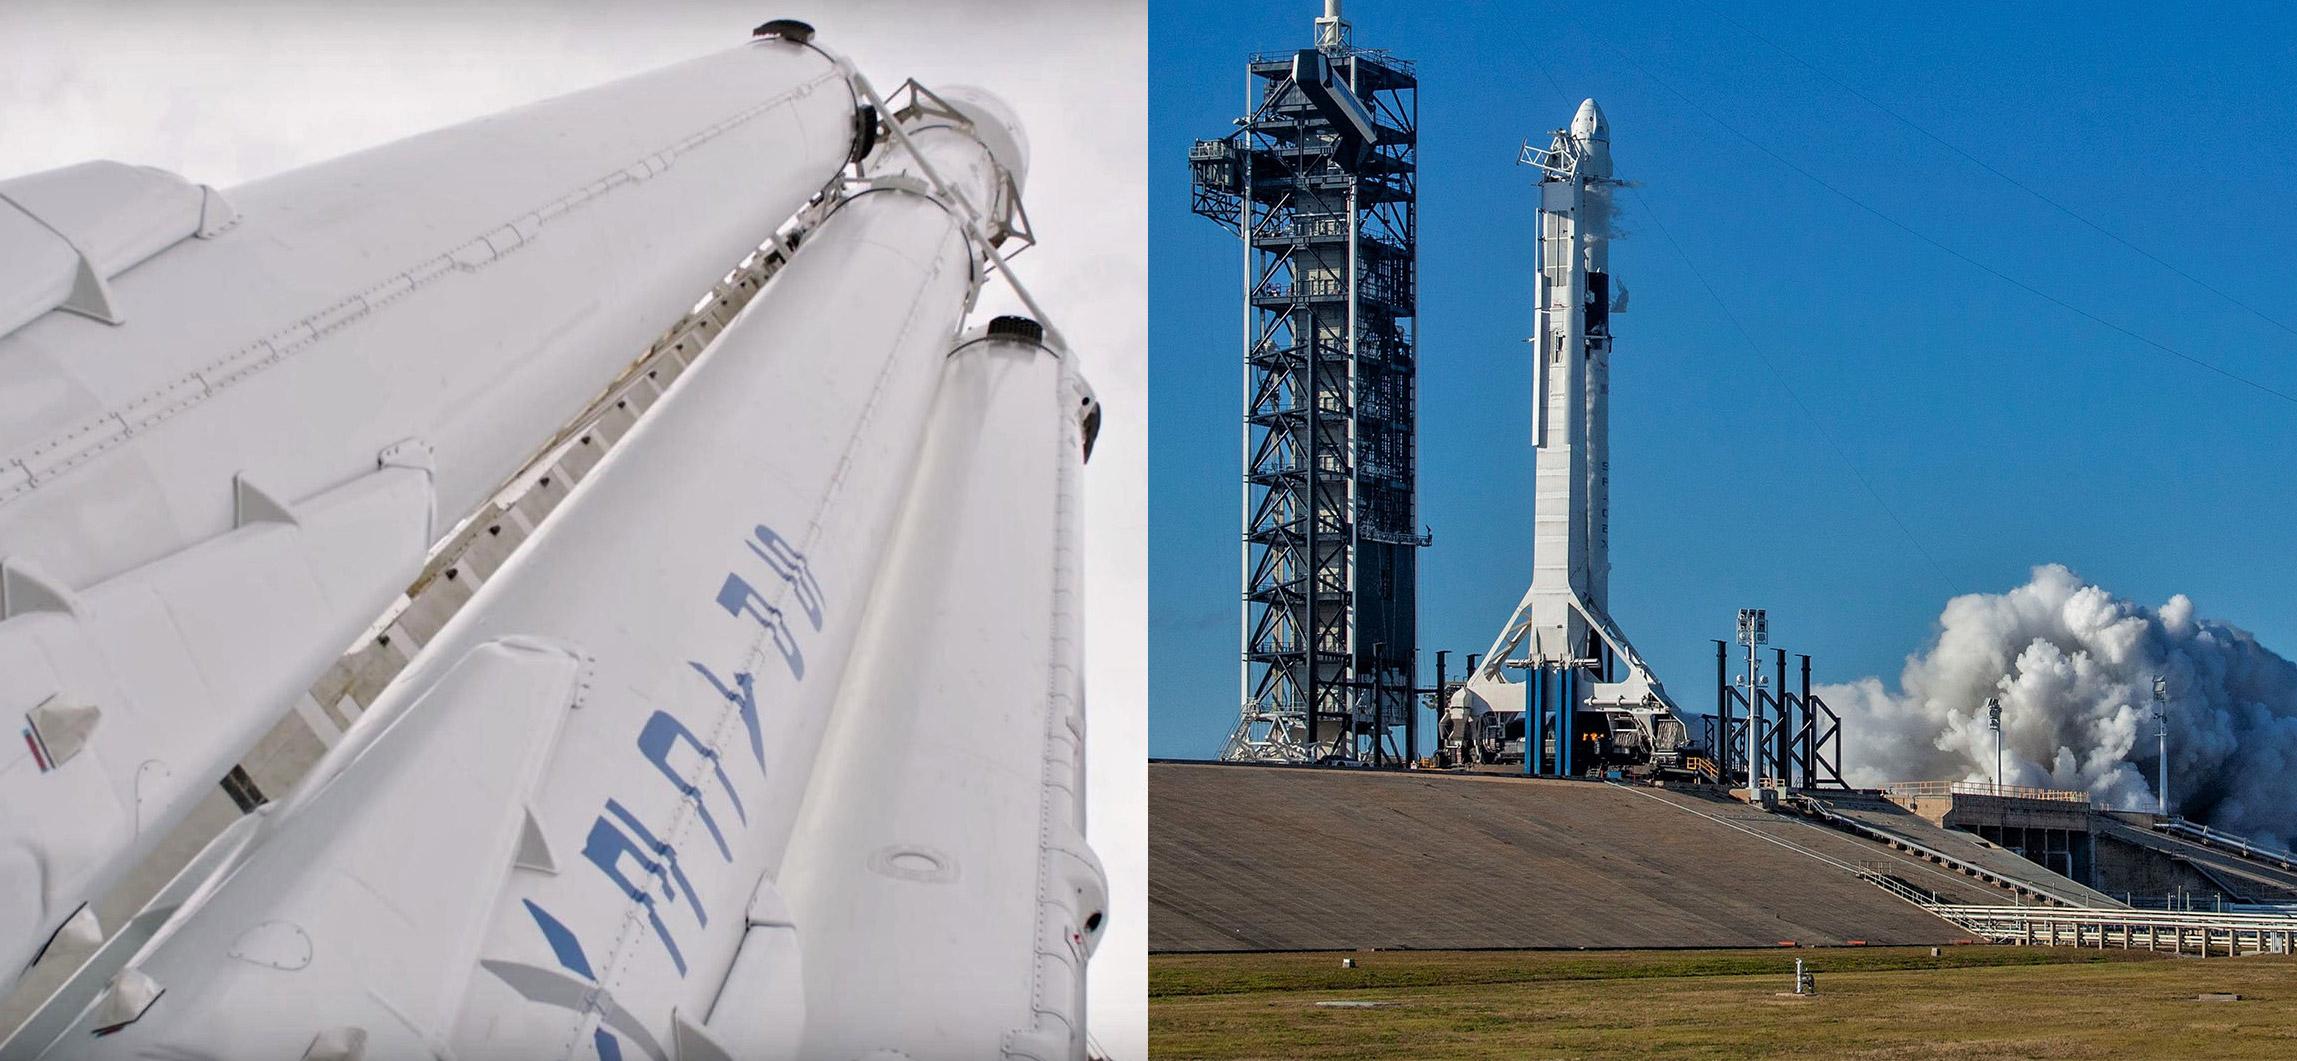 Falcon Heavy vs Crew Dragon (SpaceX)